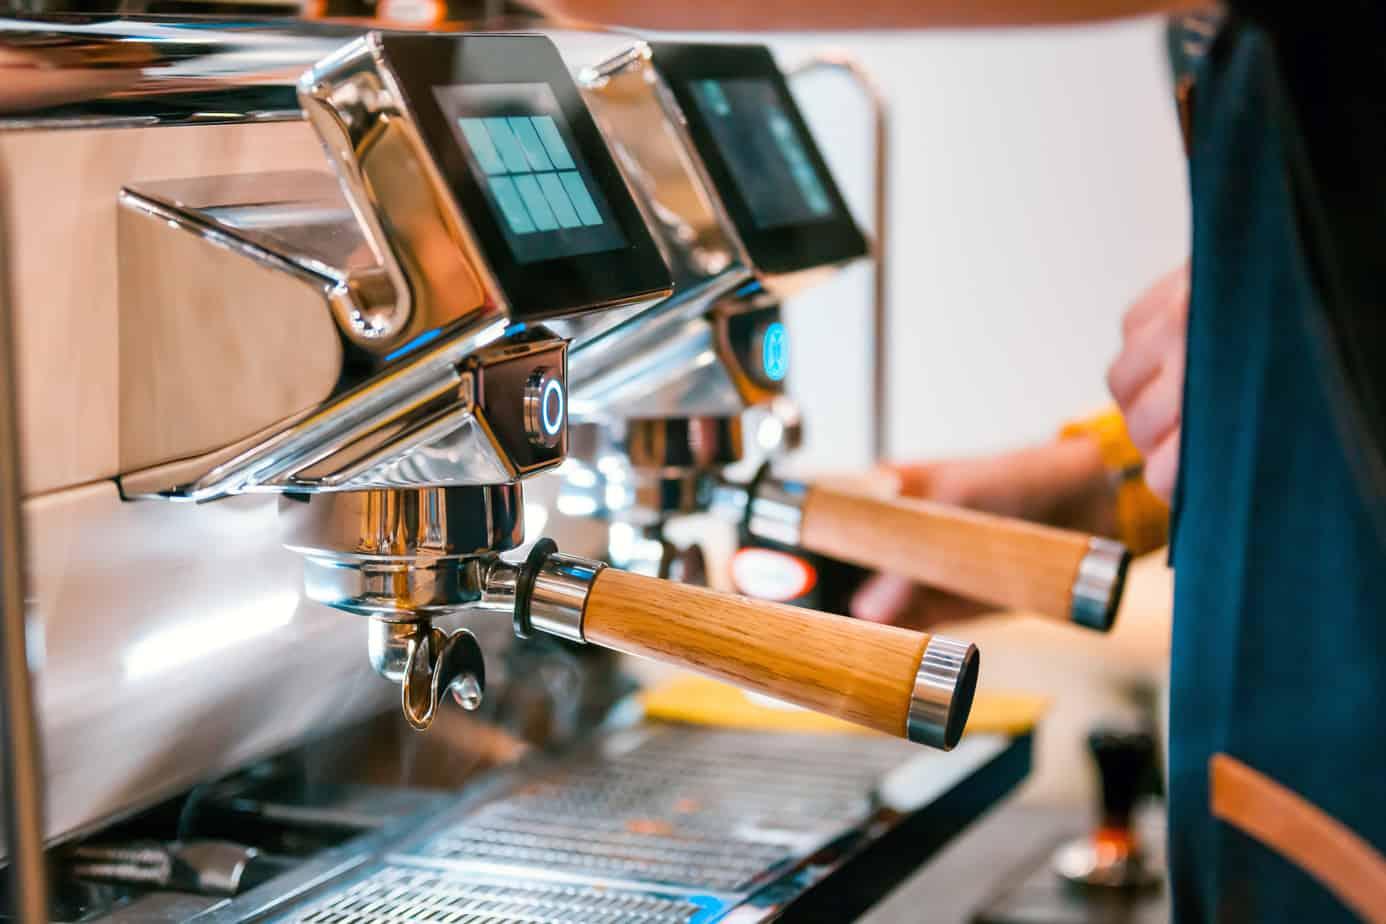 super automatic commercial espresso machine